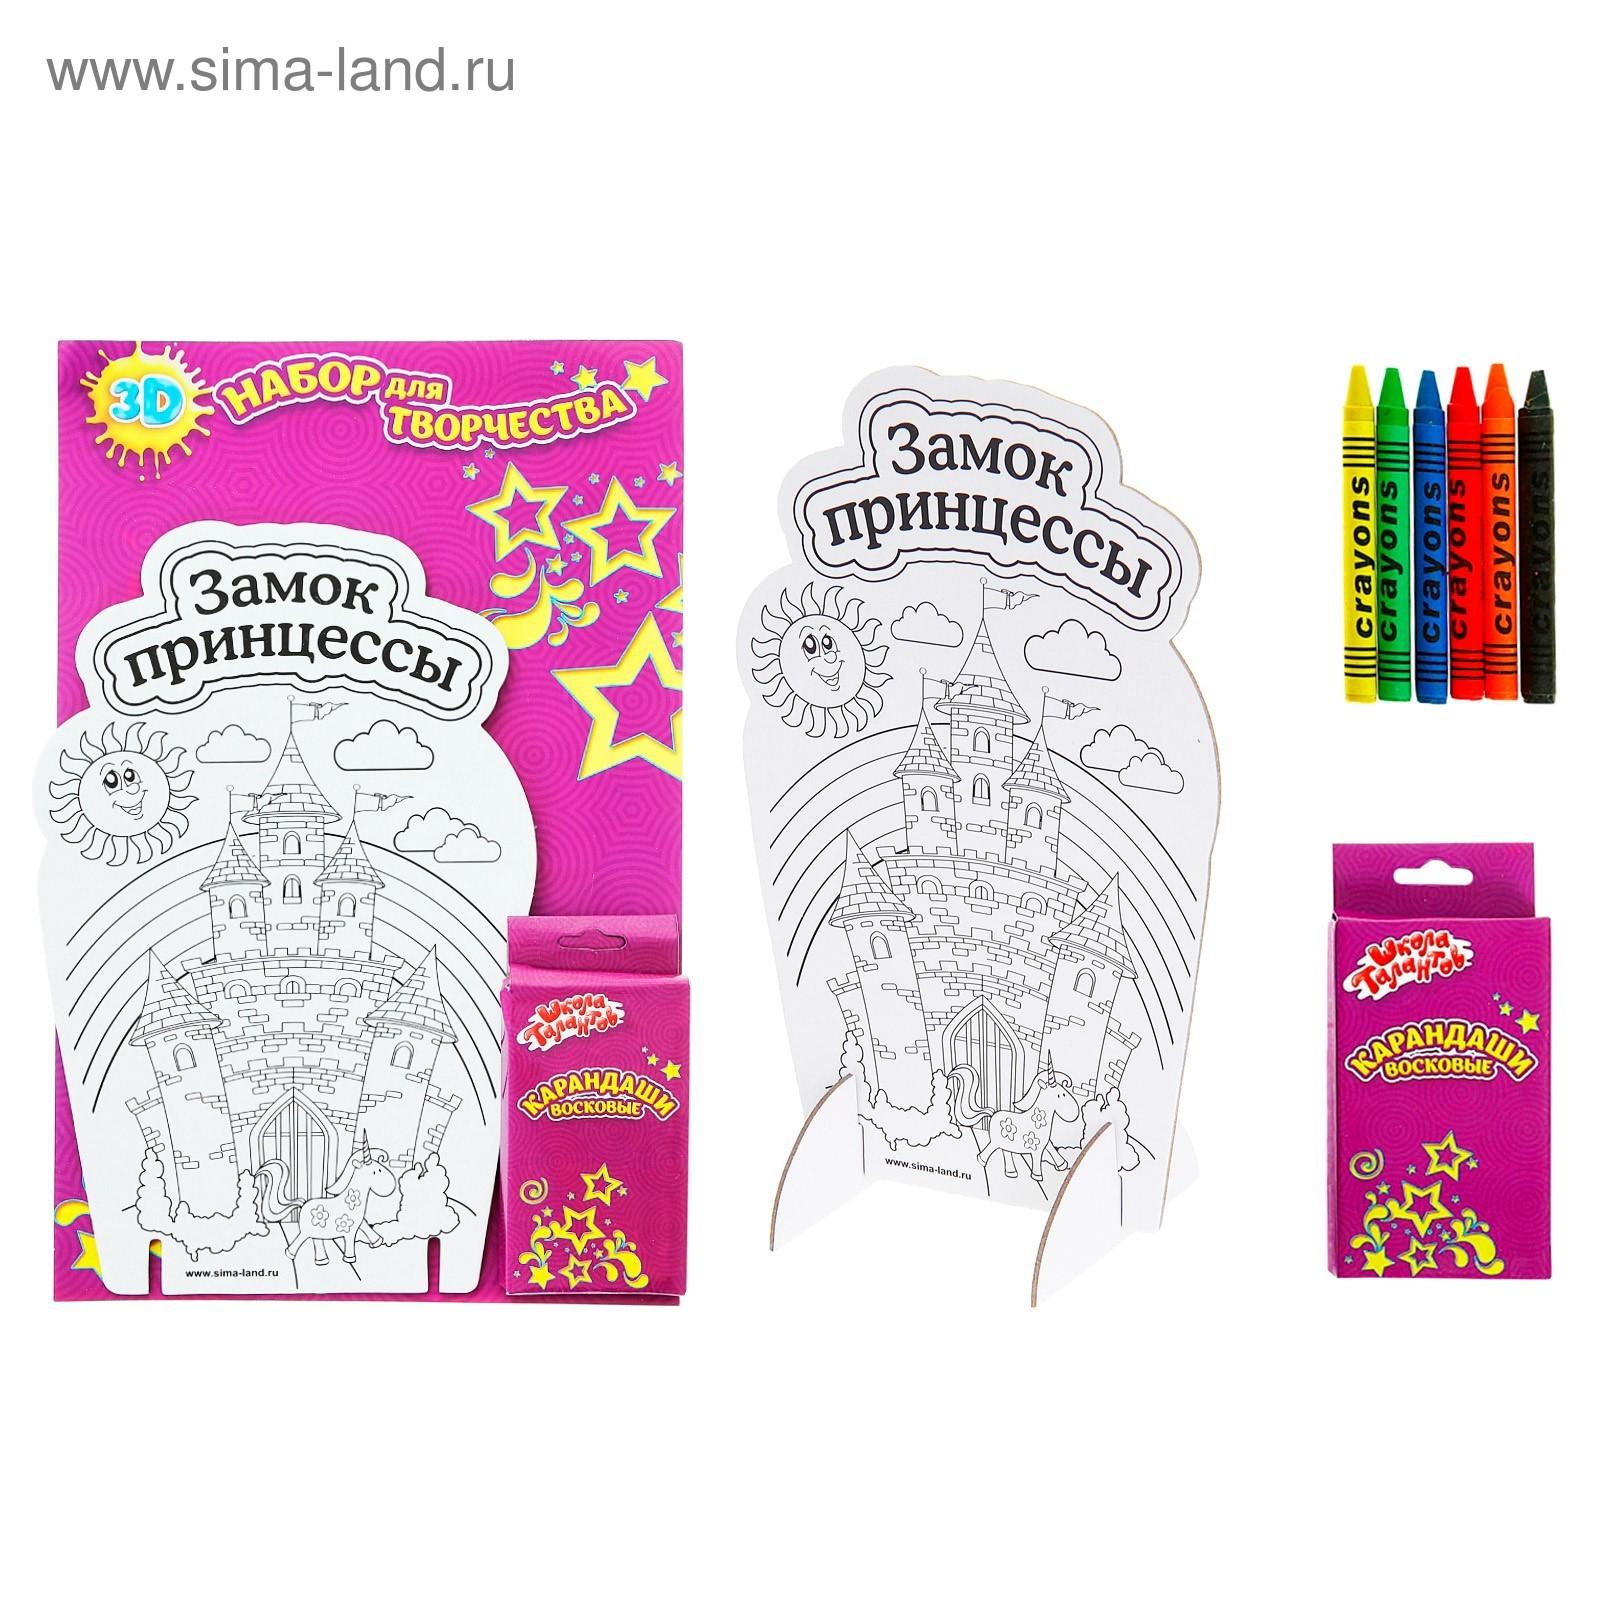 3d раскраска замок принцессы и 6 восковых карандашей